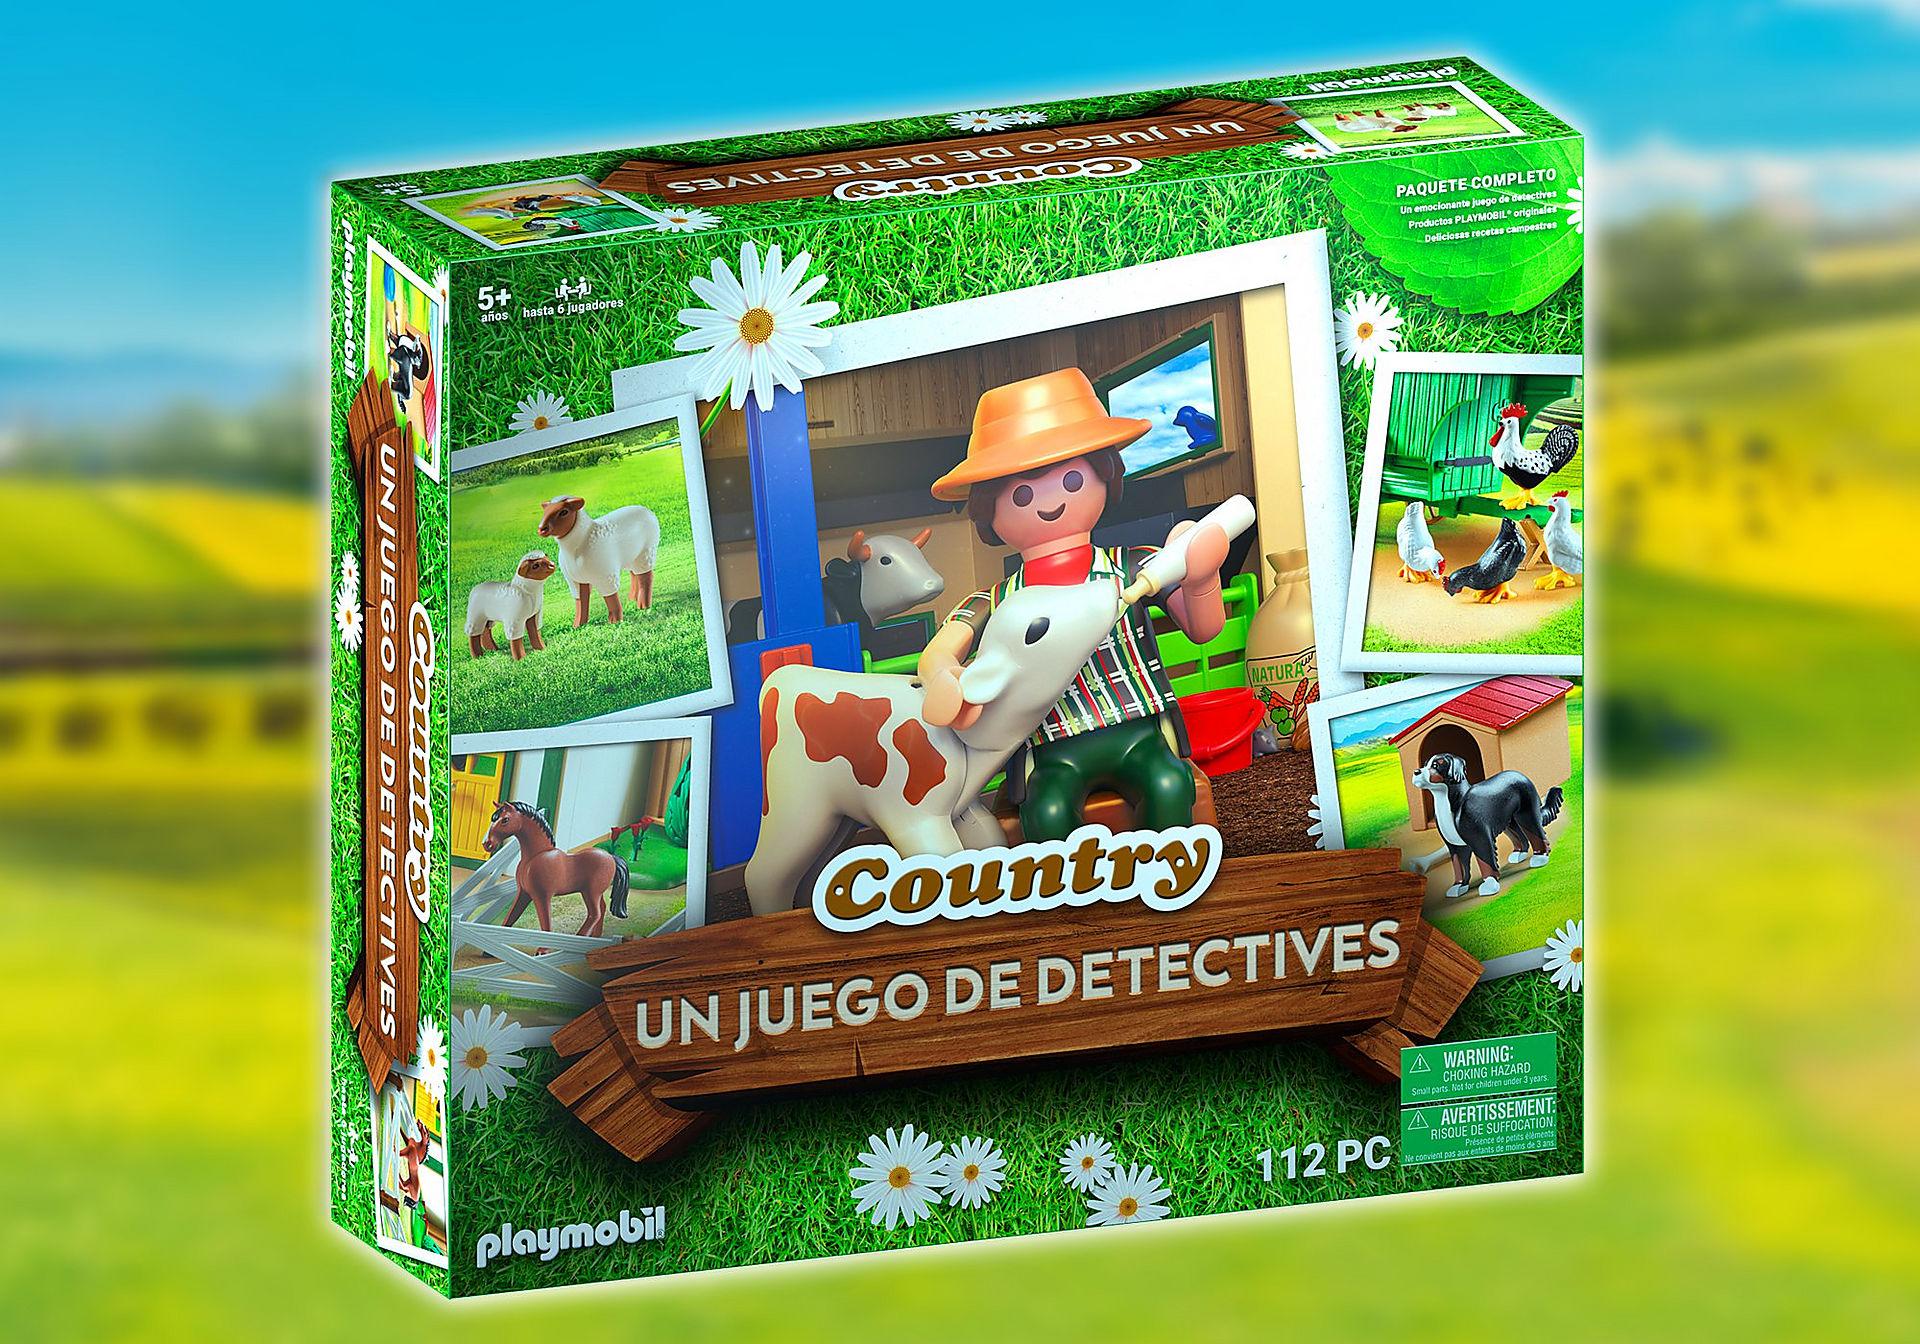 70851 PLAYMOBIL®Box: COUNTRY EL juego de detectives zoom image1